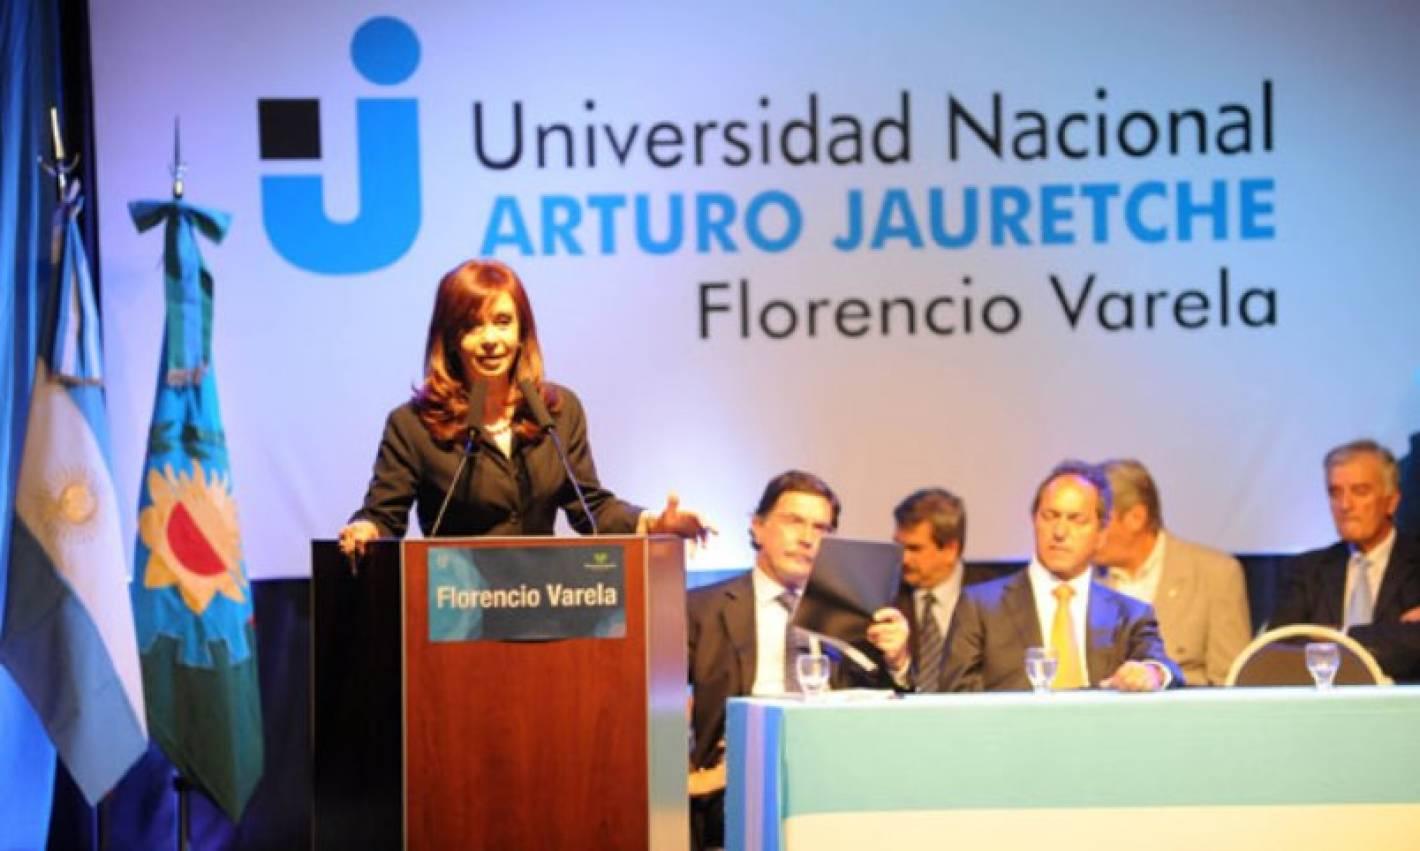 Una carrera de medicina que no enseña Anatomía - Mendoza Post